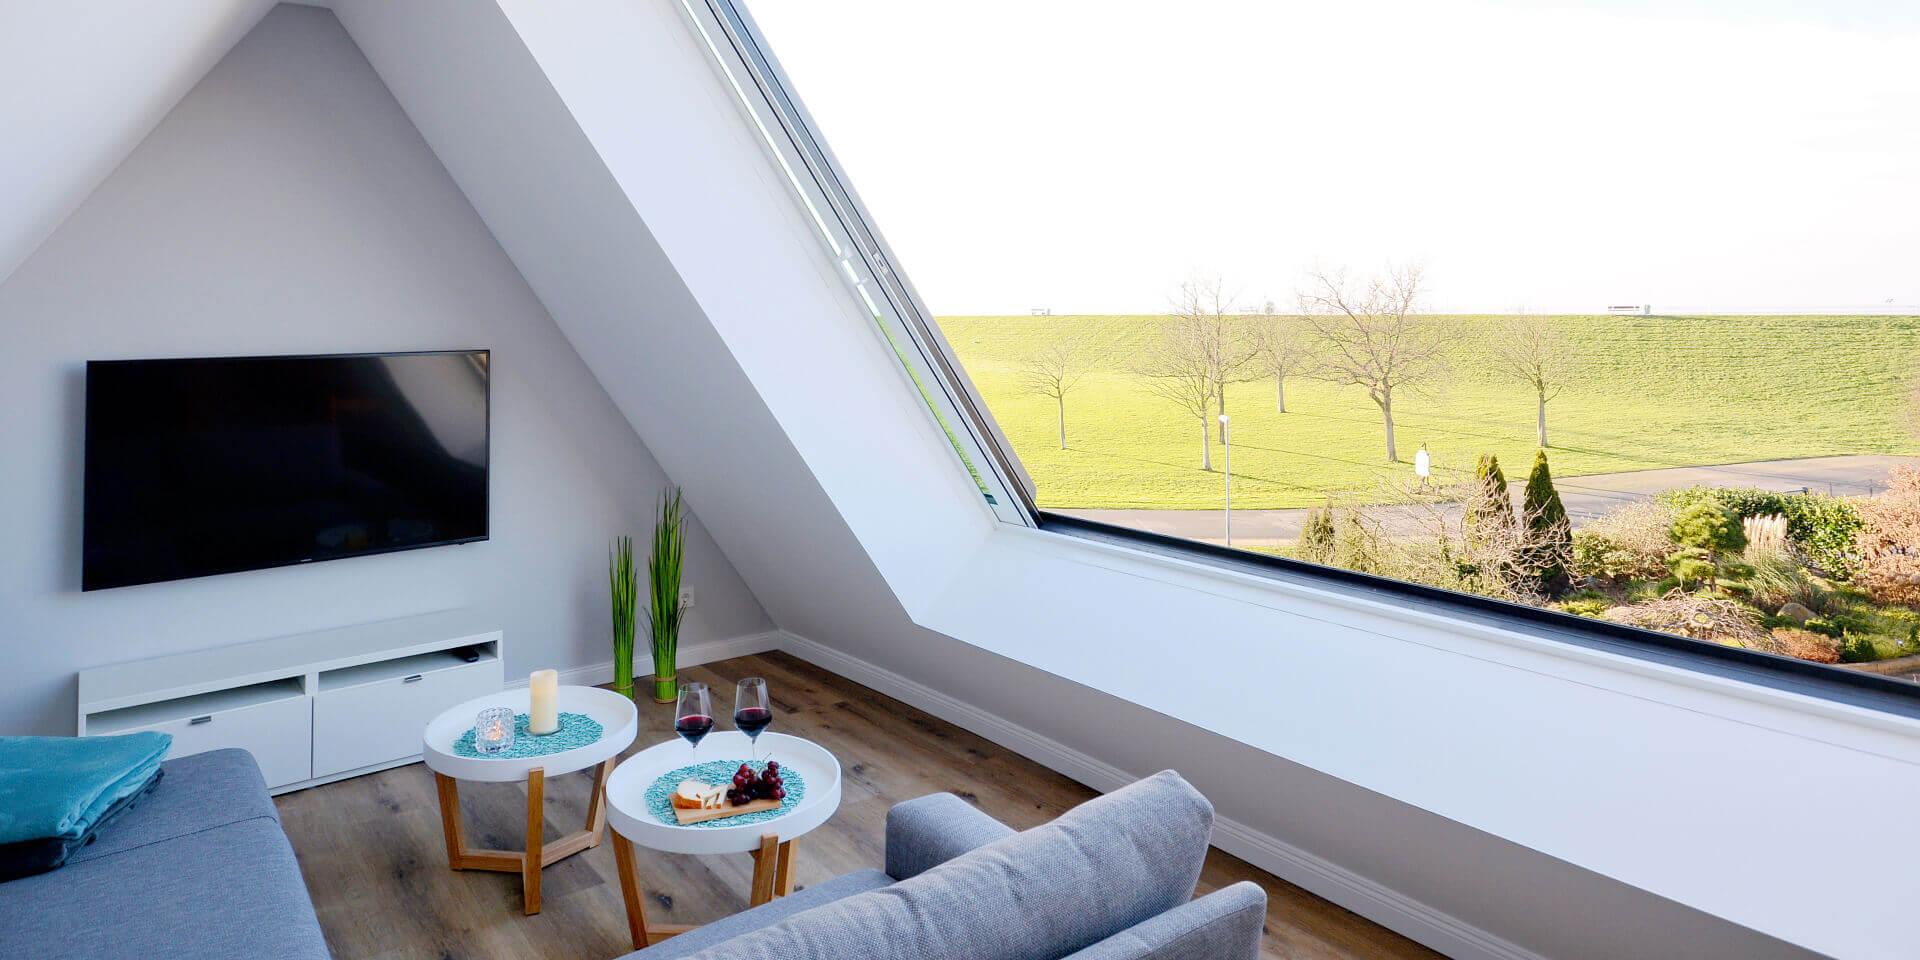 Meerblick - Panoramazimmer